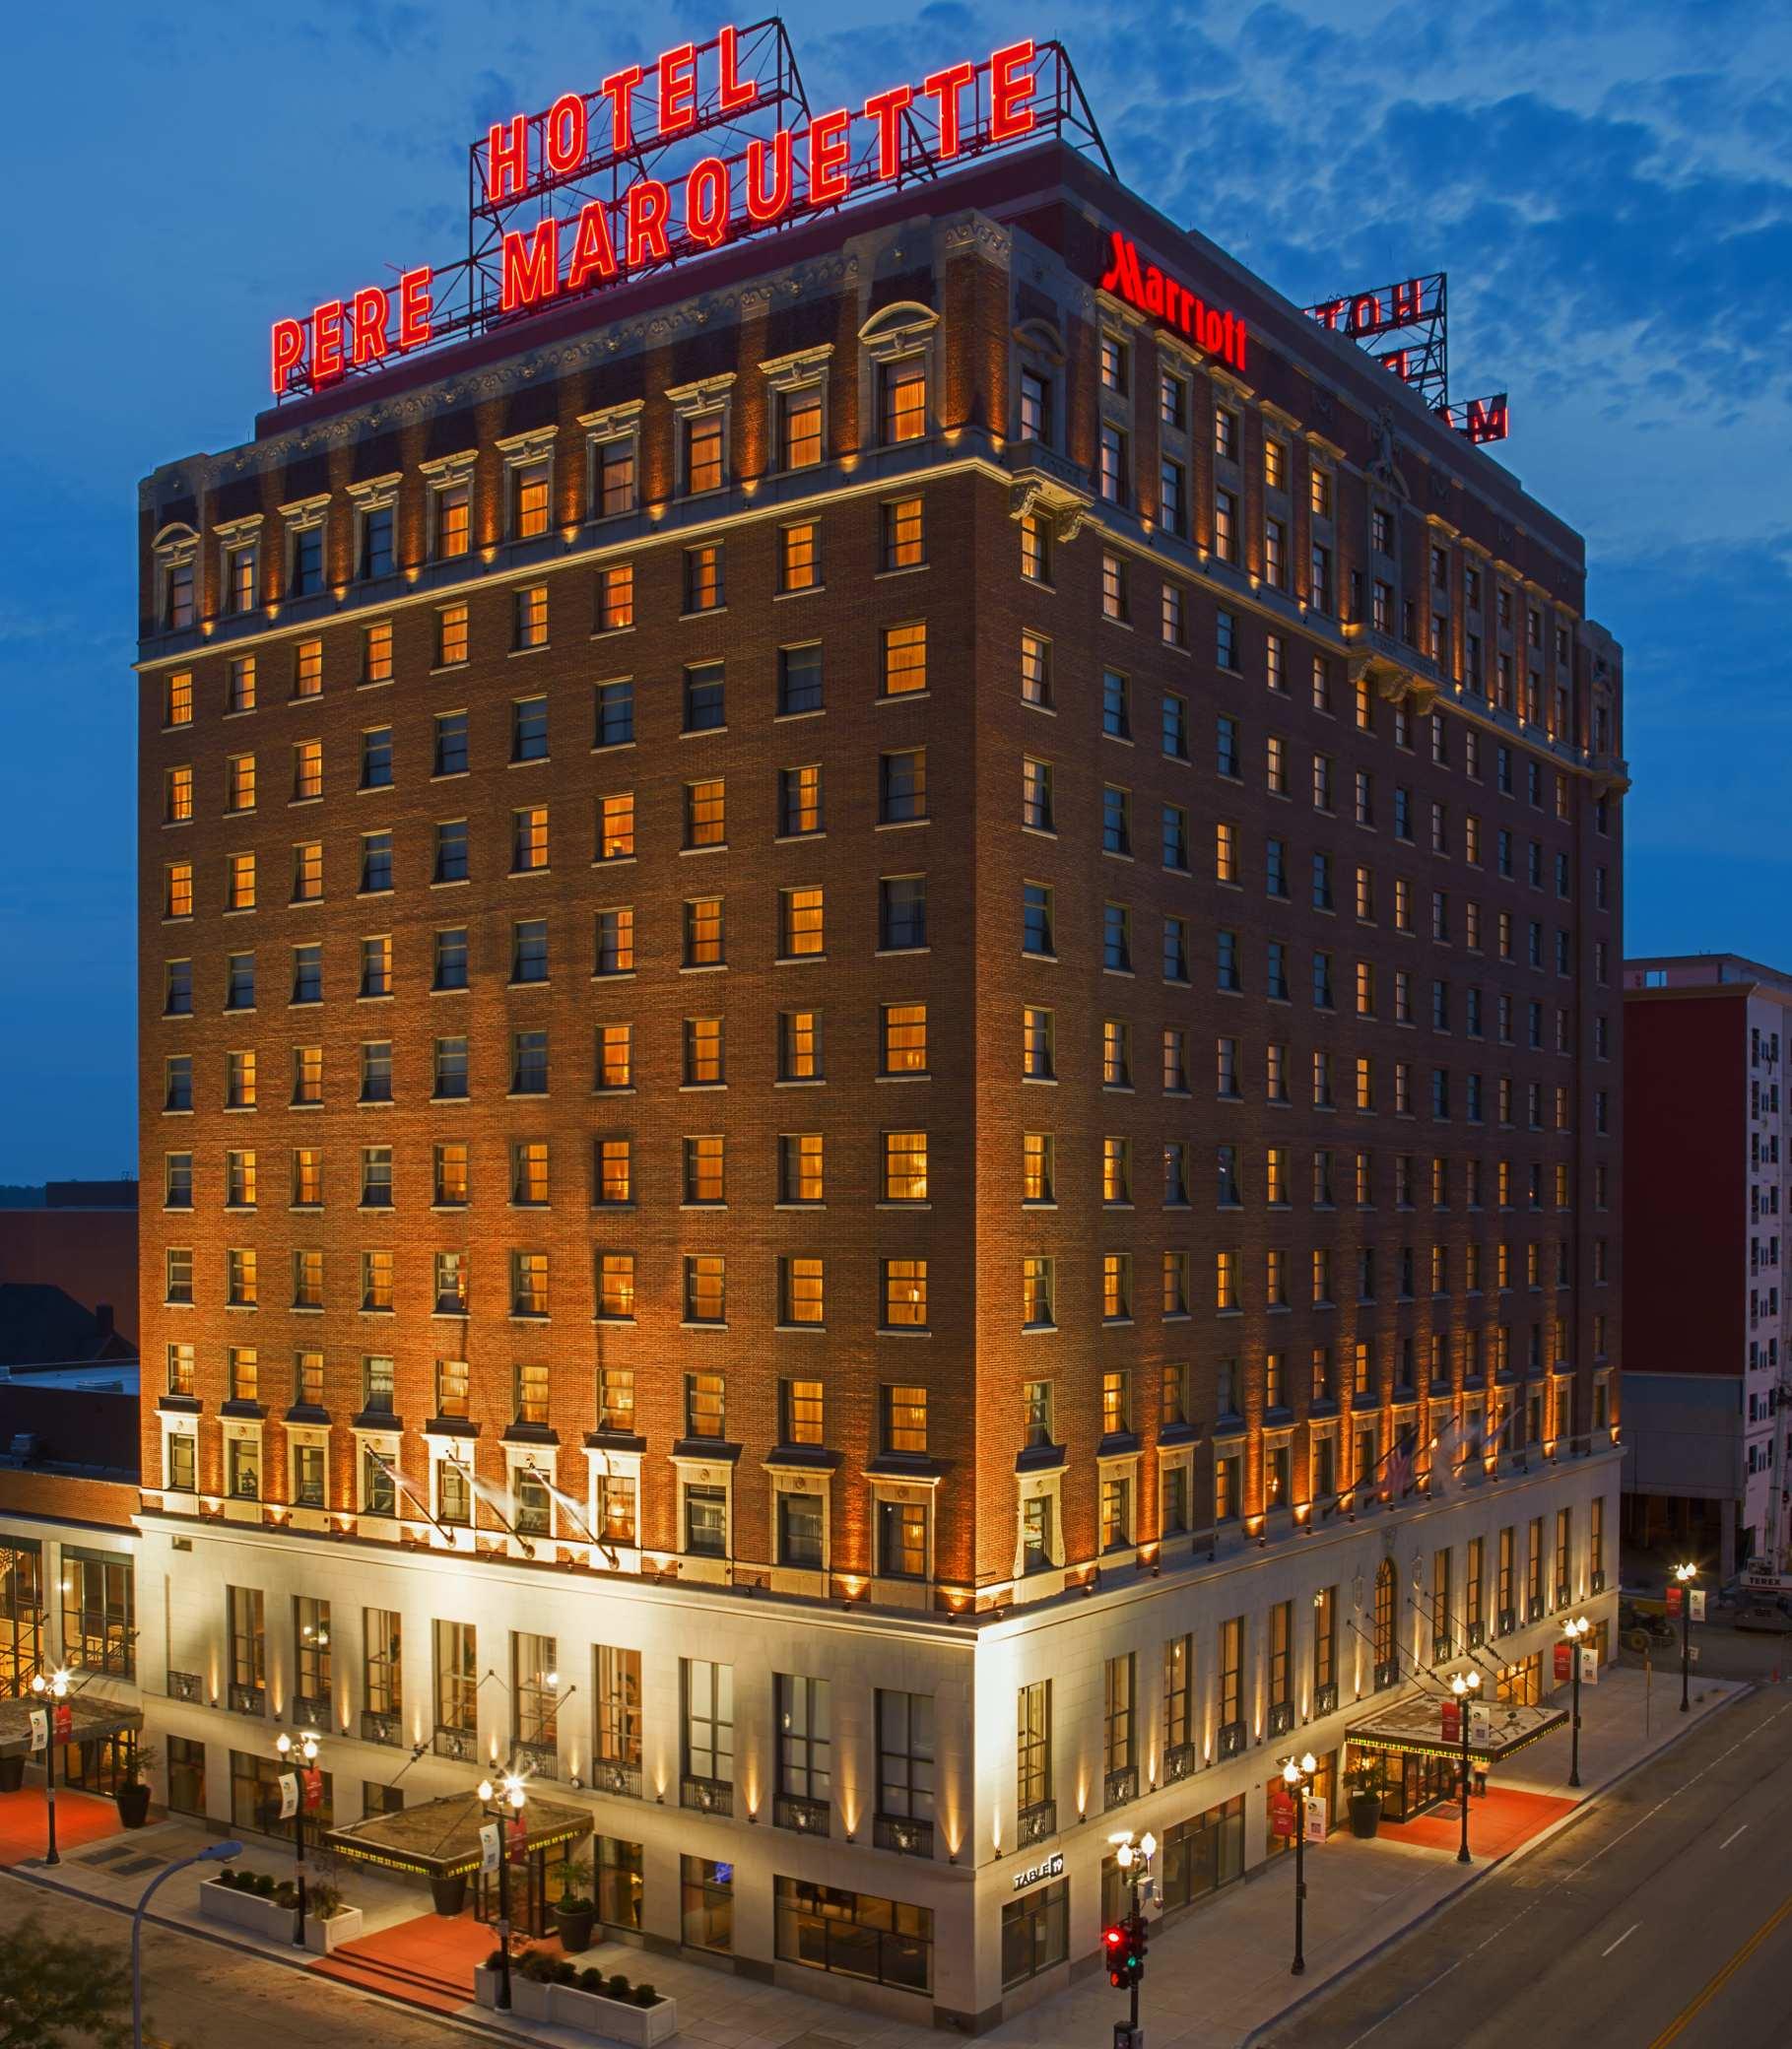 Peoria Marriott Pere Marquette image 4